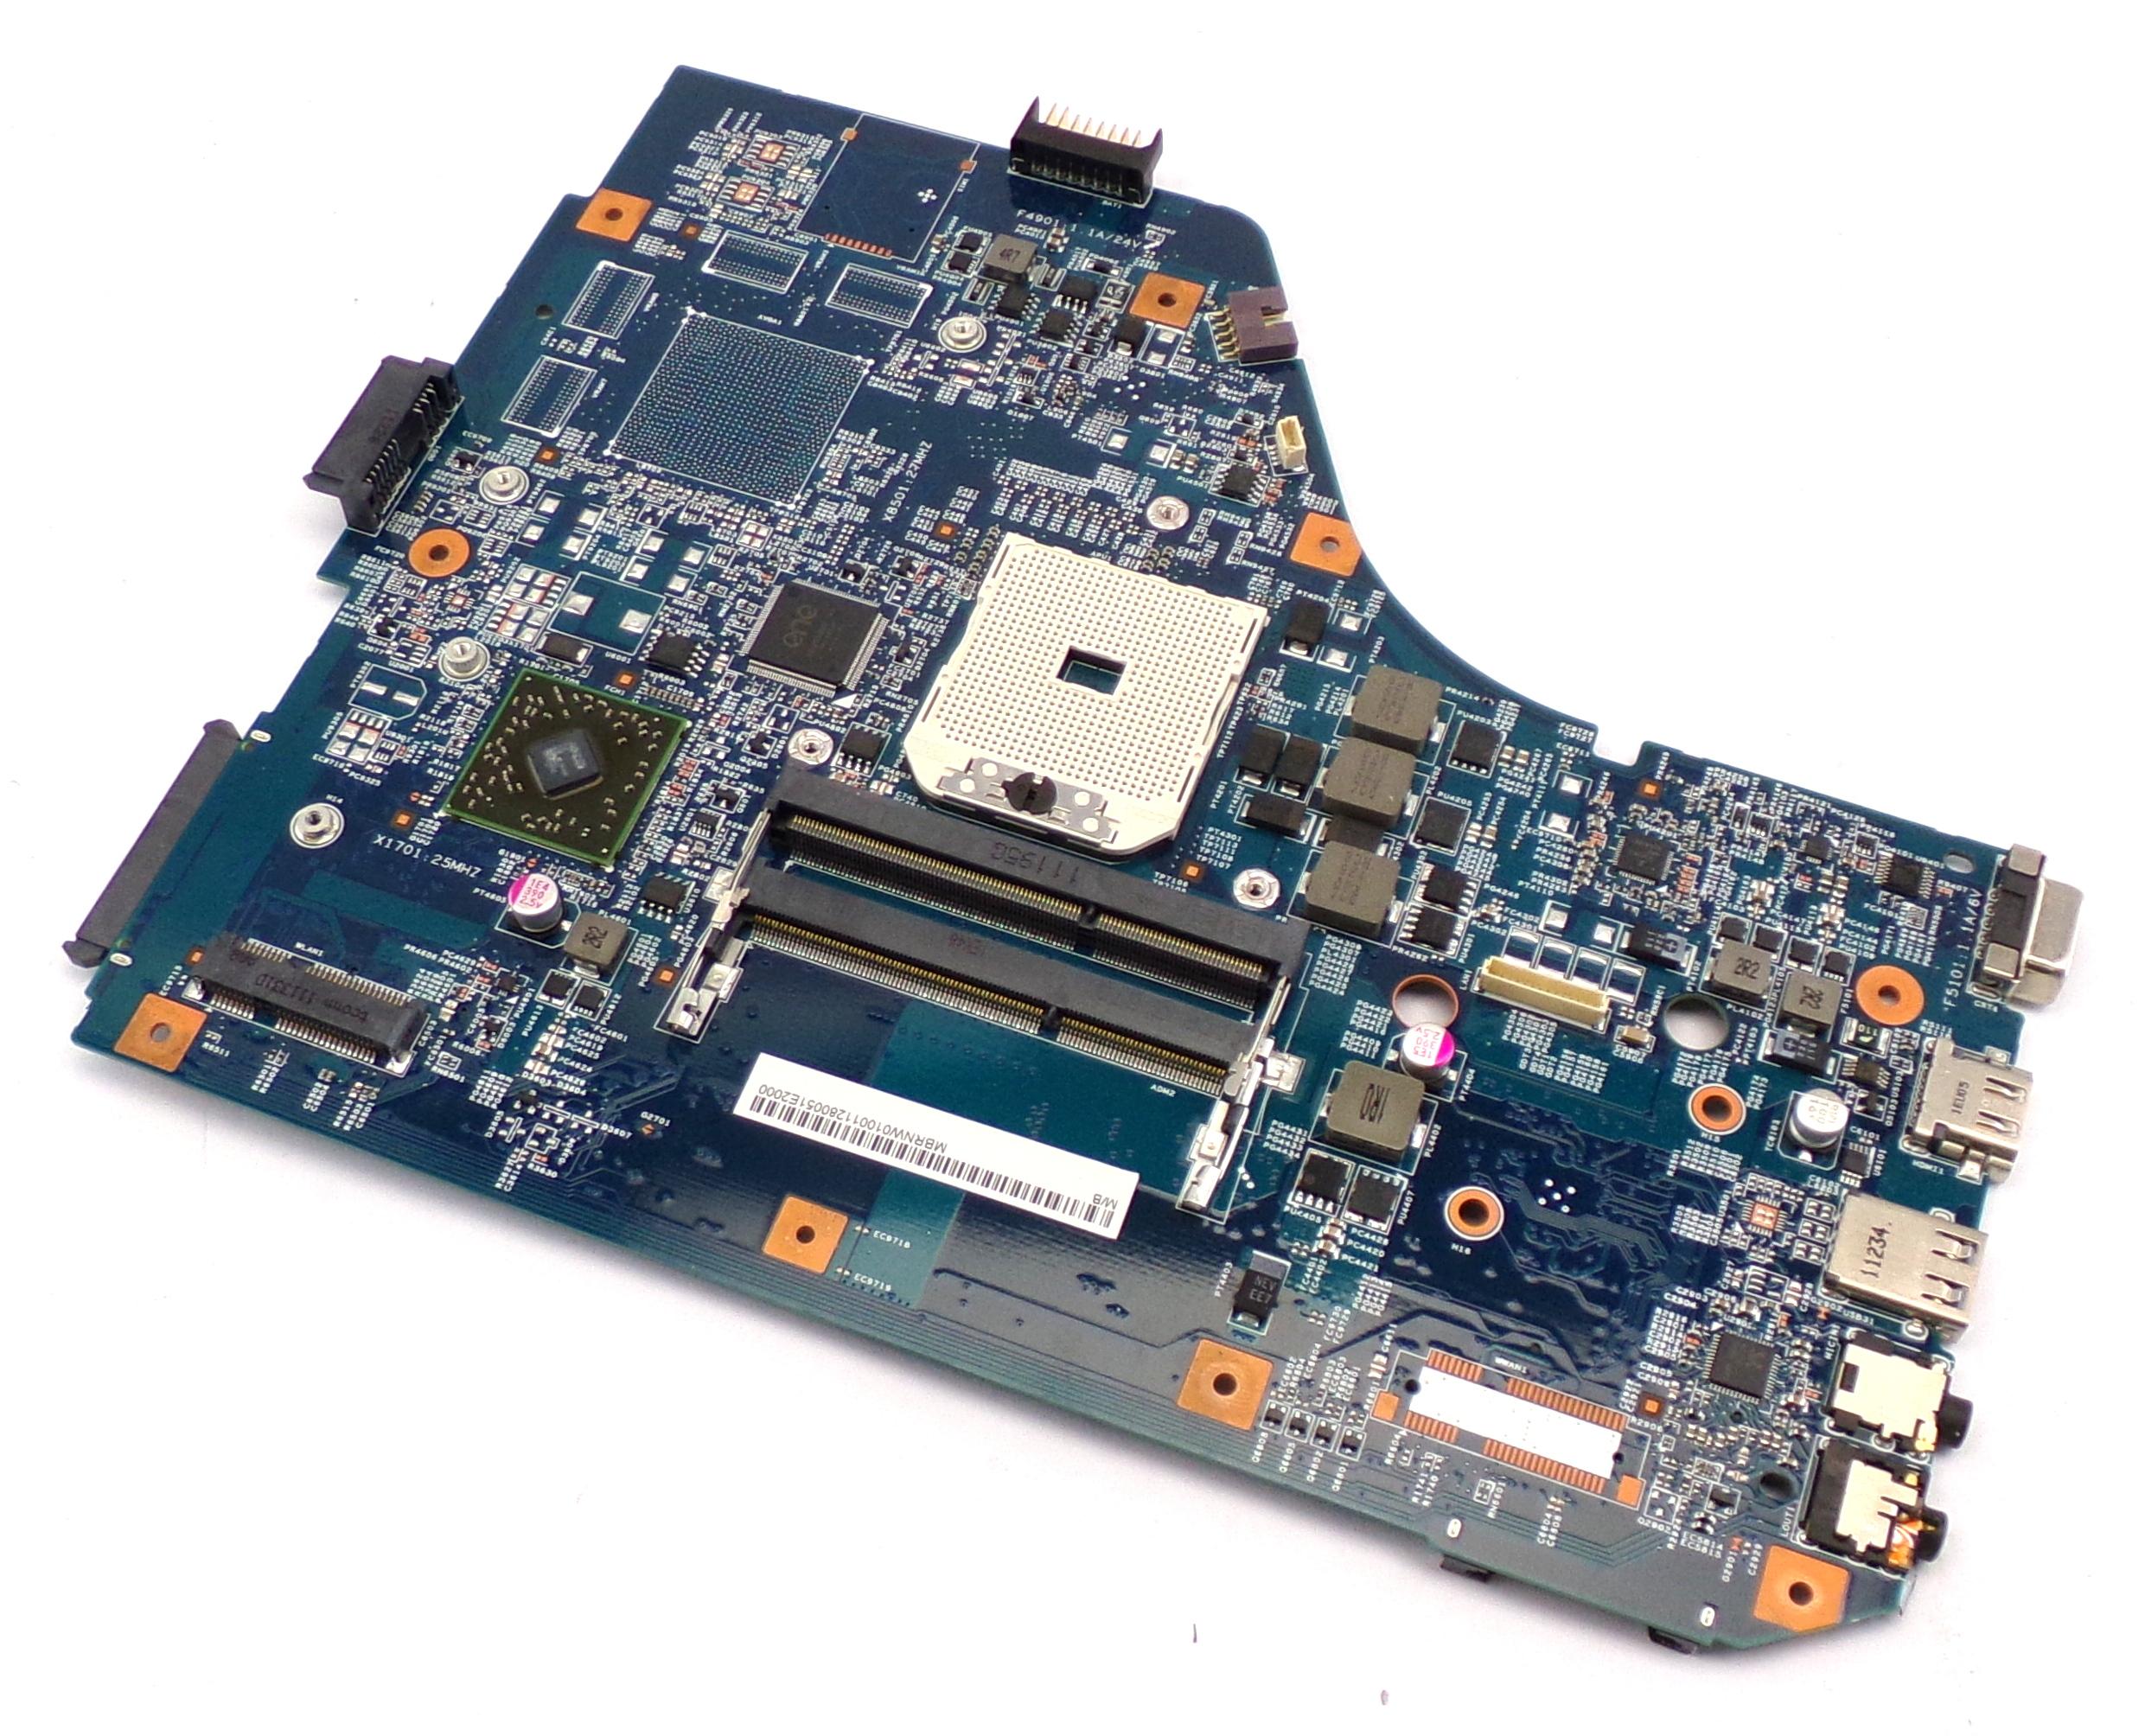 55 4m701 001 Acer Aspire 5560 Amd Socket Fs1 Motherboard